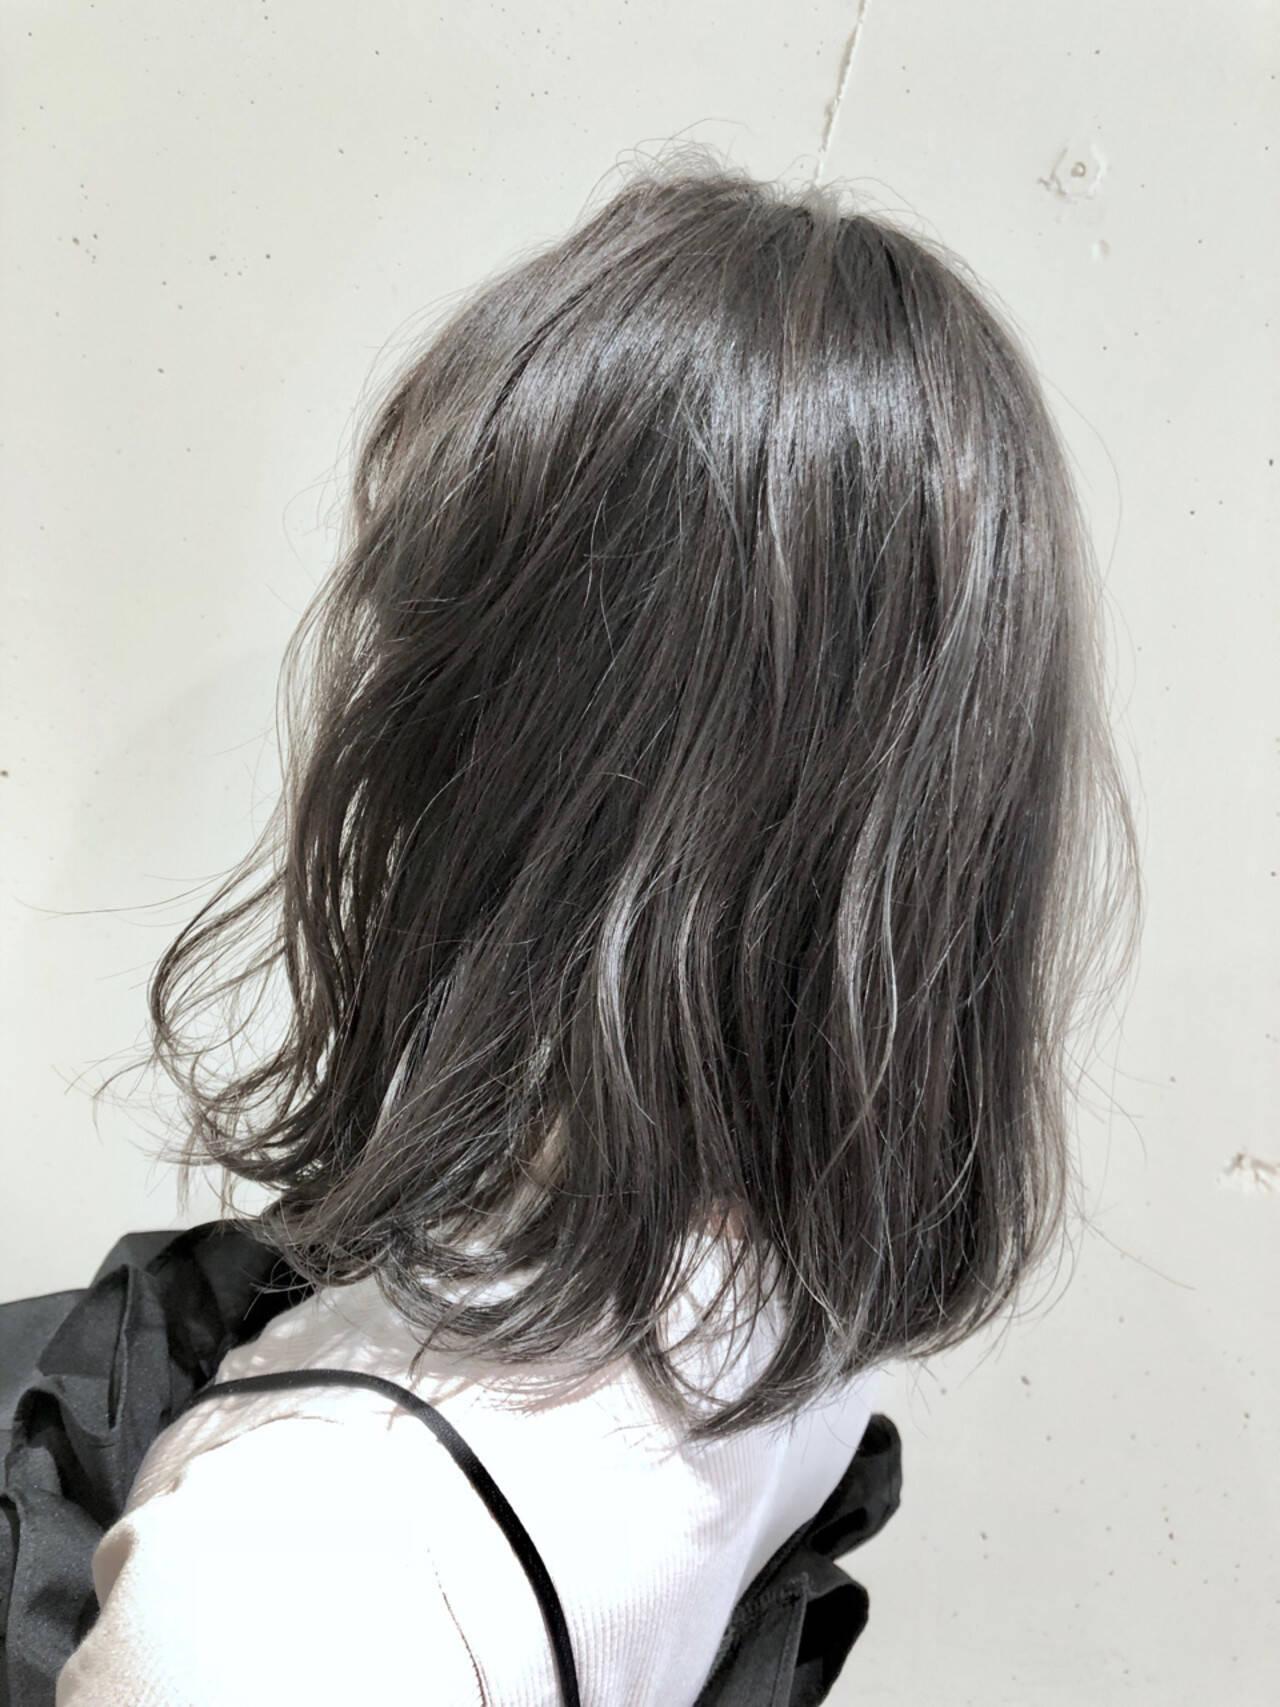 グラデーションカラー ハイライト ガーリー ウェーブヘアスタイルや髪型の写真・画像